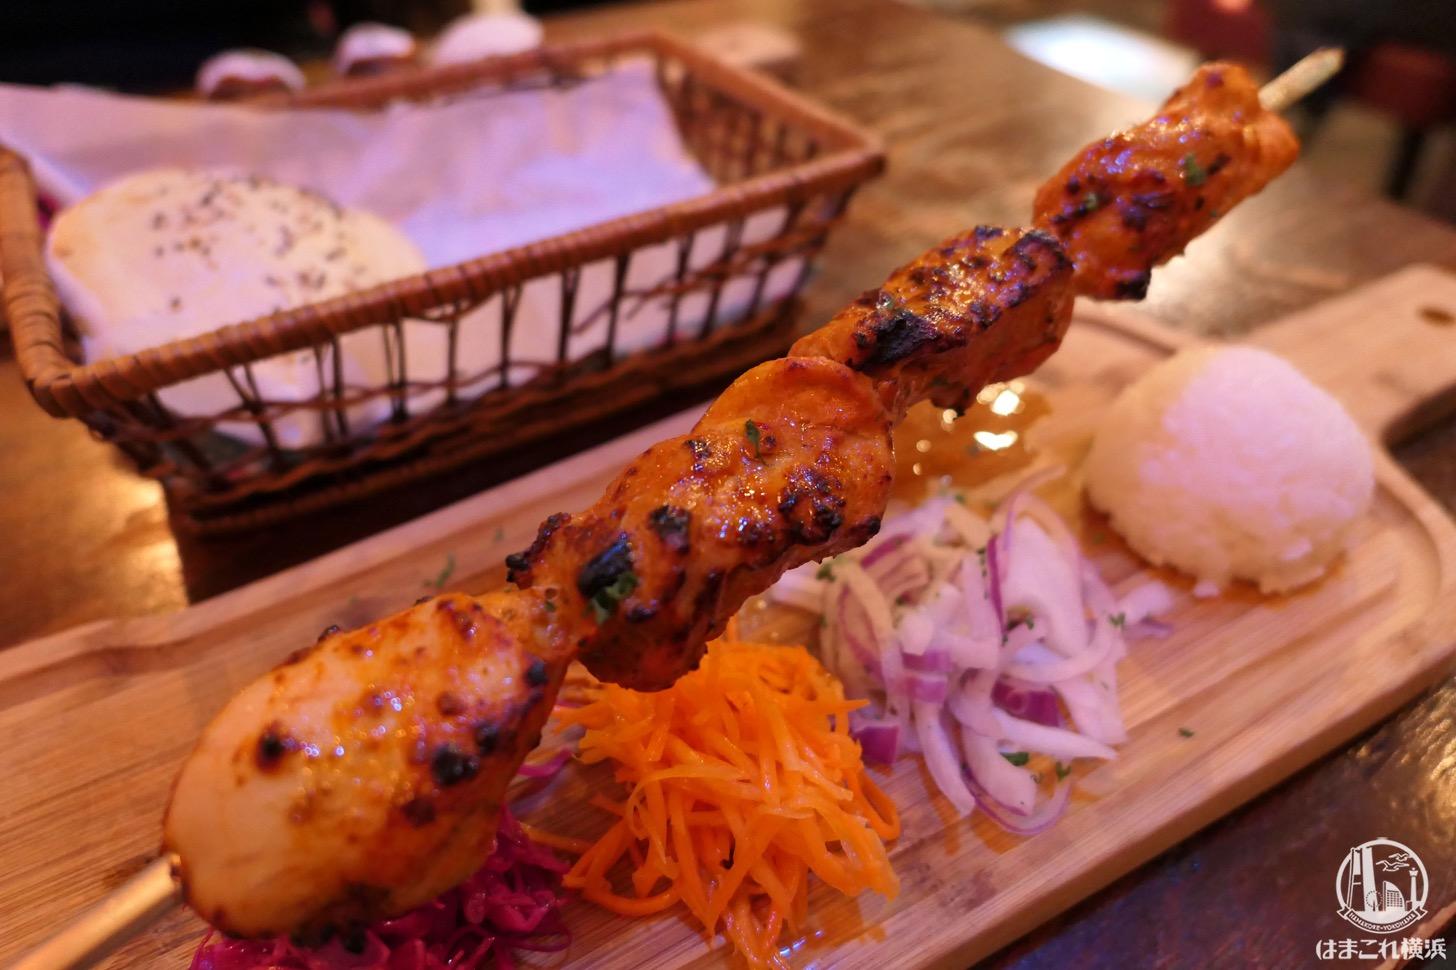 横浜駅「トゥルバ」でトルコ料理・串をランチに!エスニックな内装で気分も上がる